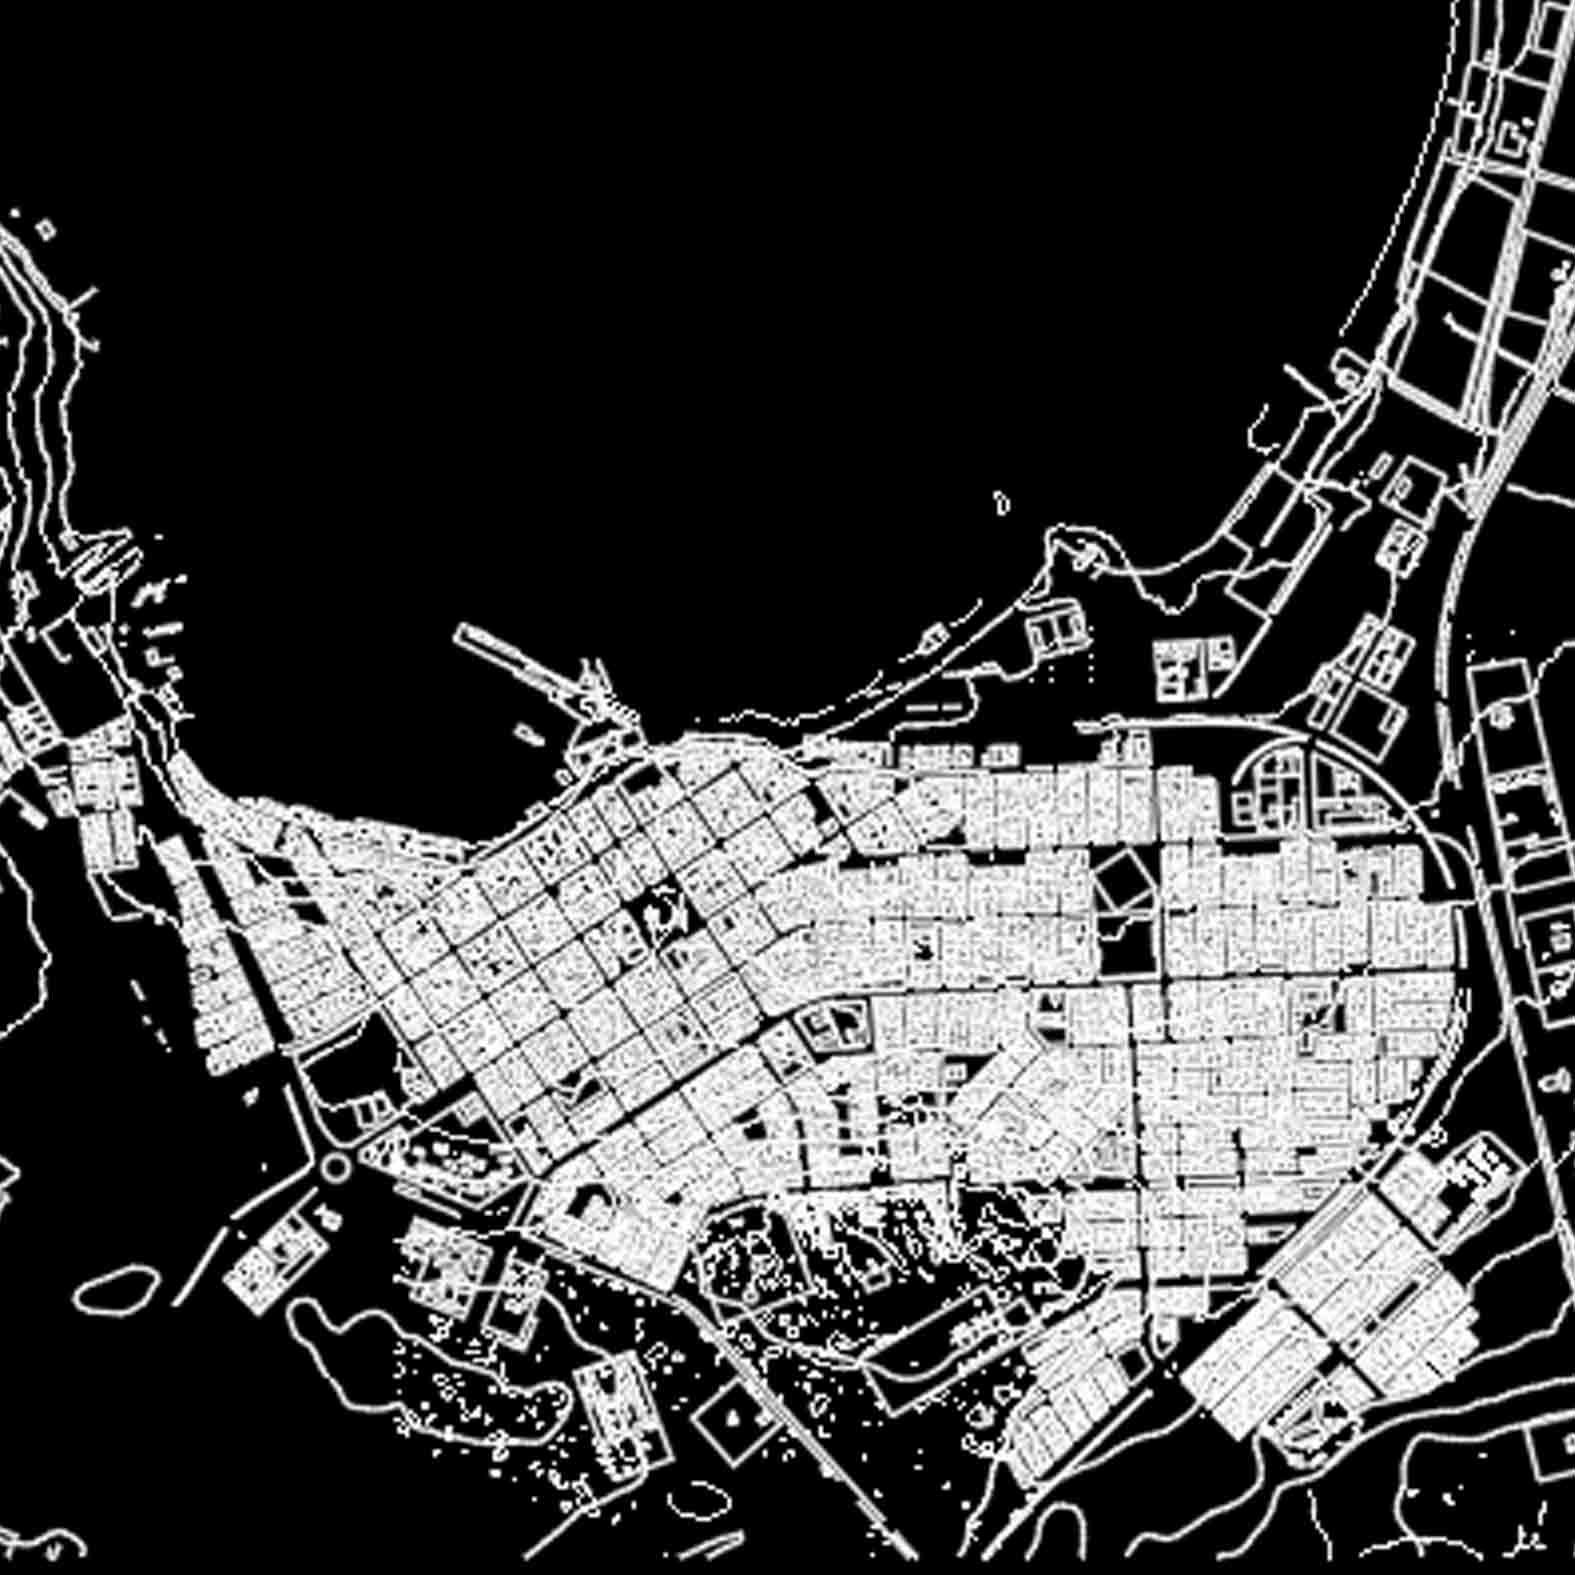 Plano: Ciudad de Caldera